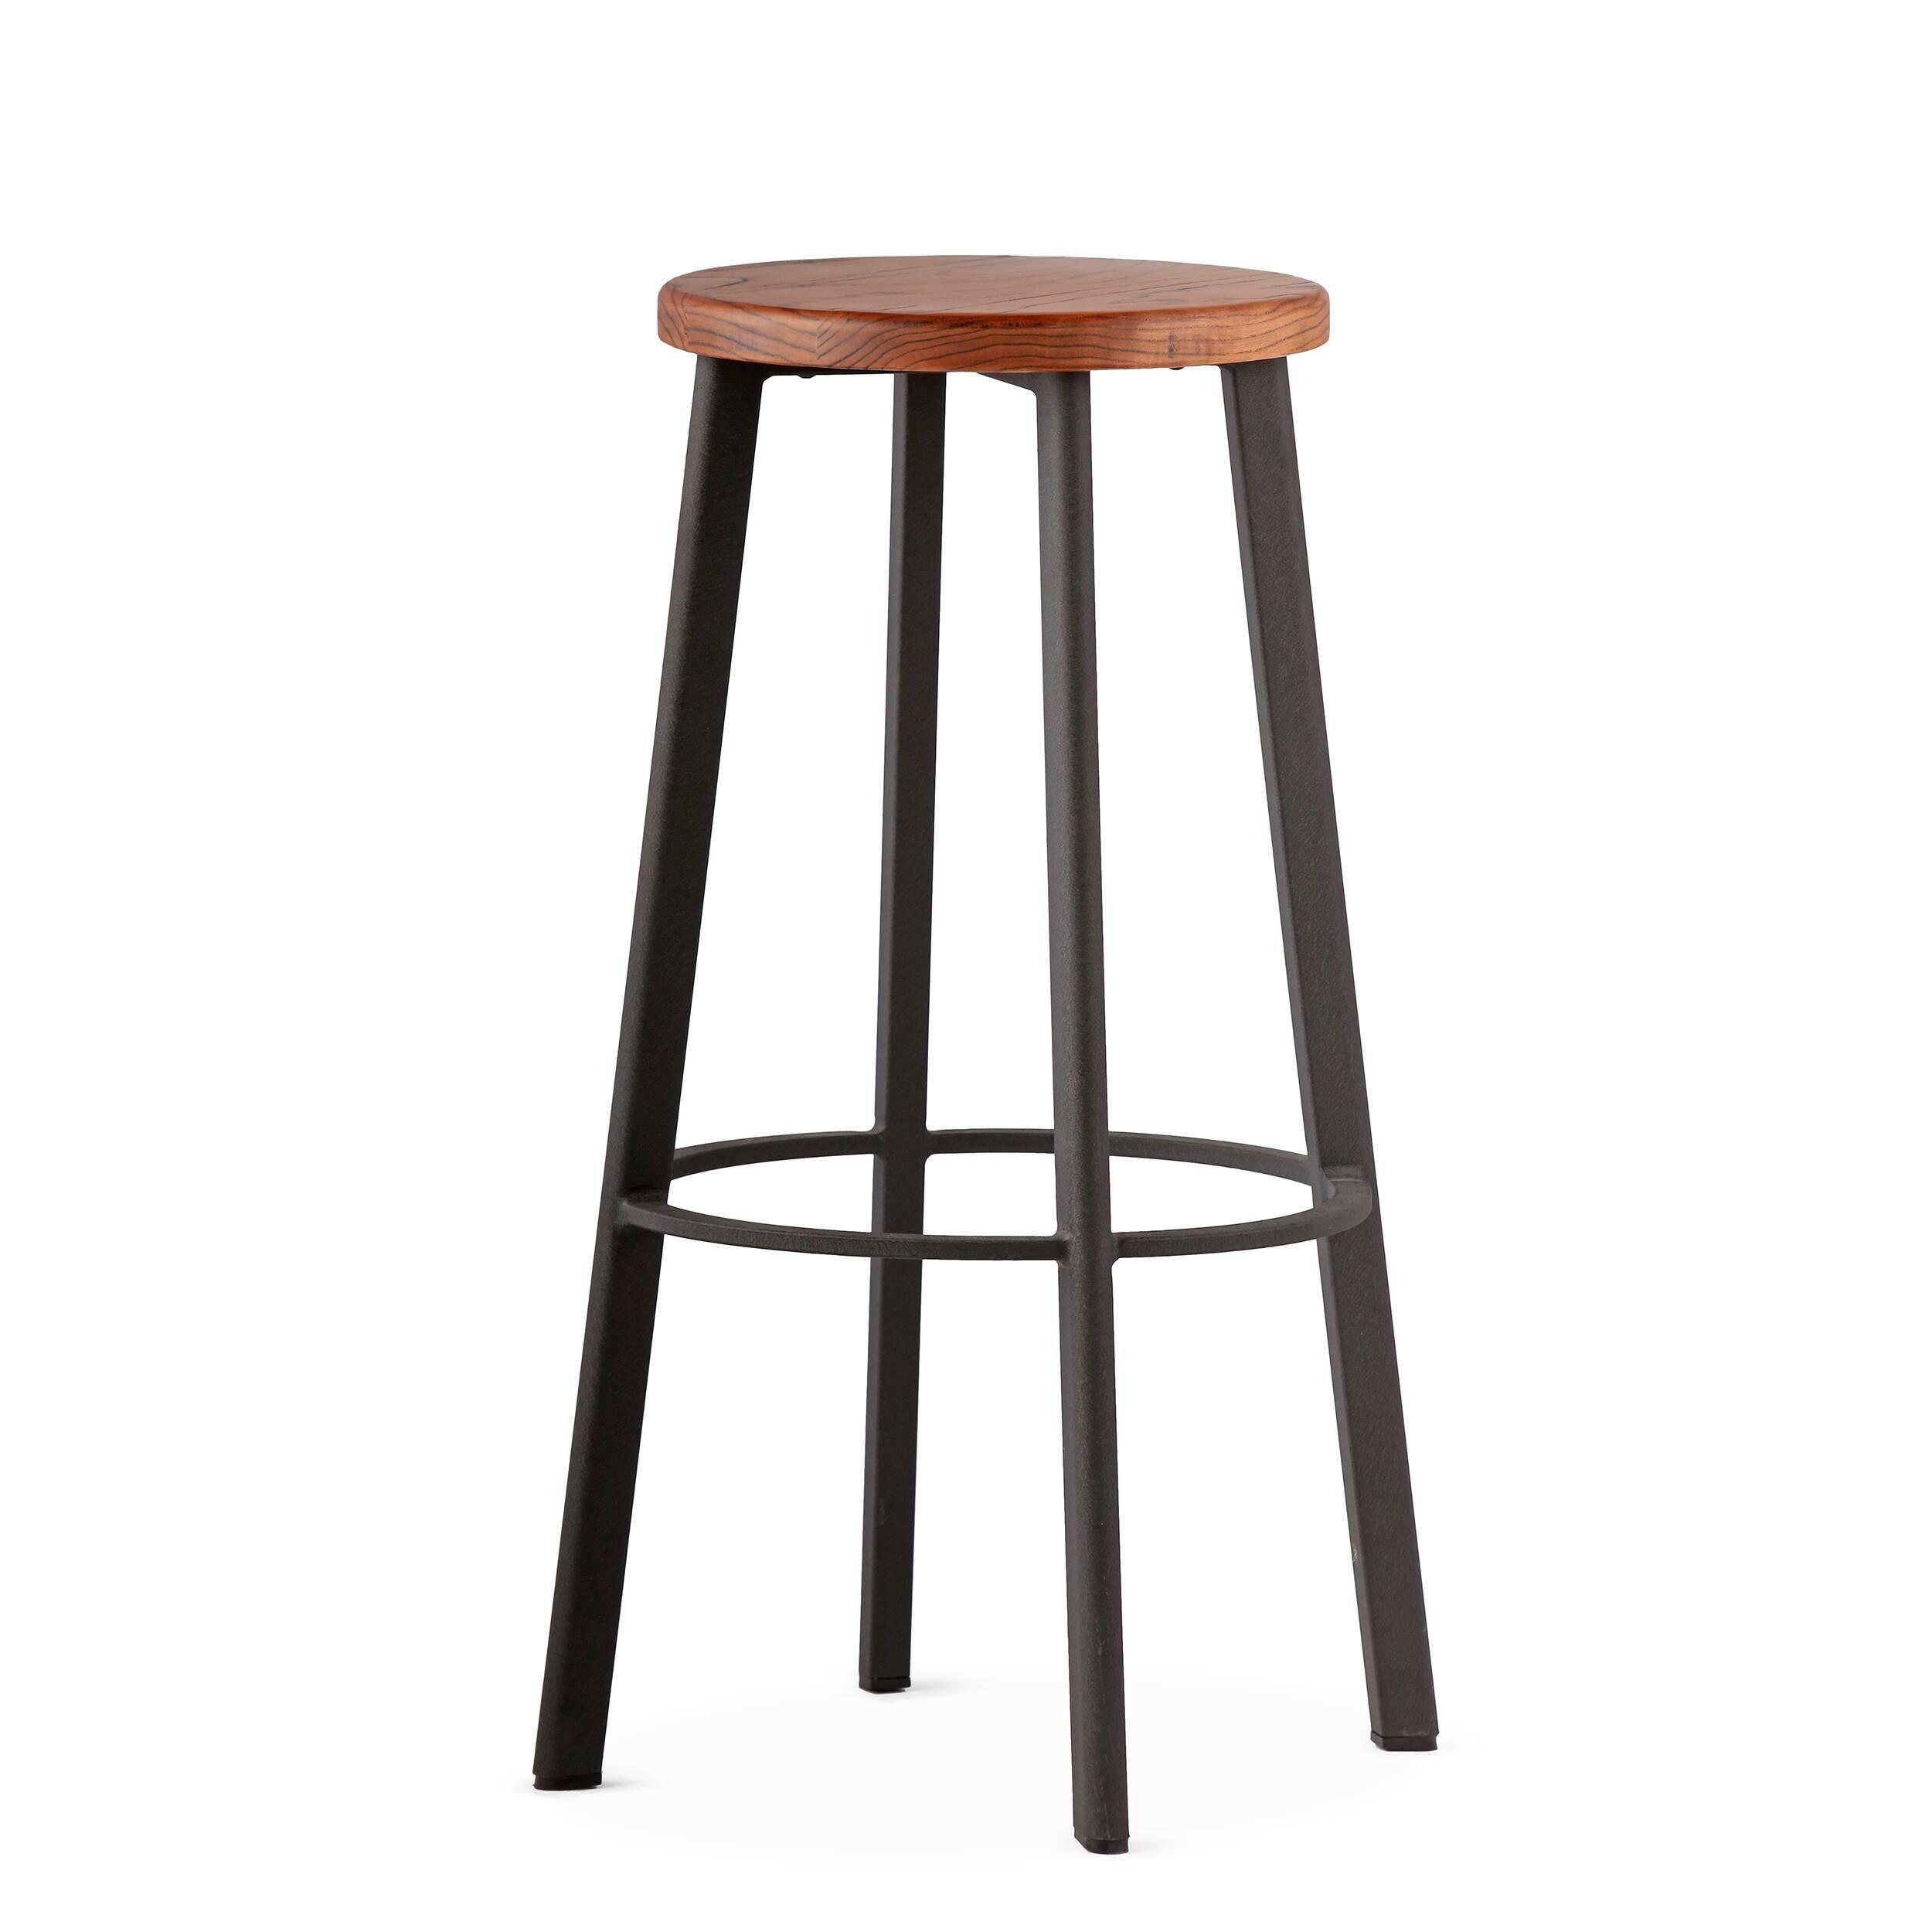 Барный стул StandardБарные<br>Барный стул Standard отлично подходит для создания кухни в нью-йоркском стиле. Французские панорамные окна с видом на город, красные кирпичные стены, мебель индустриального дизайна — все это характерные черты кухонь в «Большом яблоке». <br><br><br> Для дизайна интерьеров в этом стиле следует выбирать предметы мебели лаконичных форм и материалов, среди которых металл, дерево, камень. Массивные обеденные и барные столы всегда становятся центром композиции. Для таких интерьеров всегда присущи сдер...<br><br>stock: 0<br>Высота: 75<br>Диаметр: 40<br>Цвет ножек: Черный<br>Материал сидения: Массив ясеня<br>Цвет сидения: Темно-коричневый<br>Тип материала сидения: Дерево<br>Тип материала ножек: Сталь